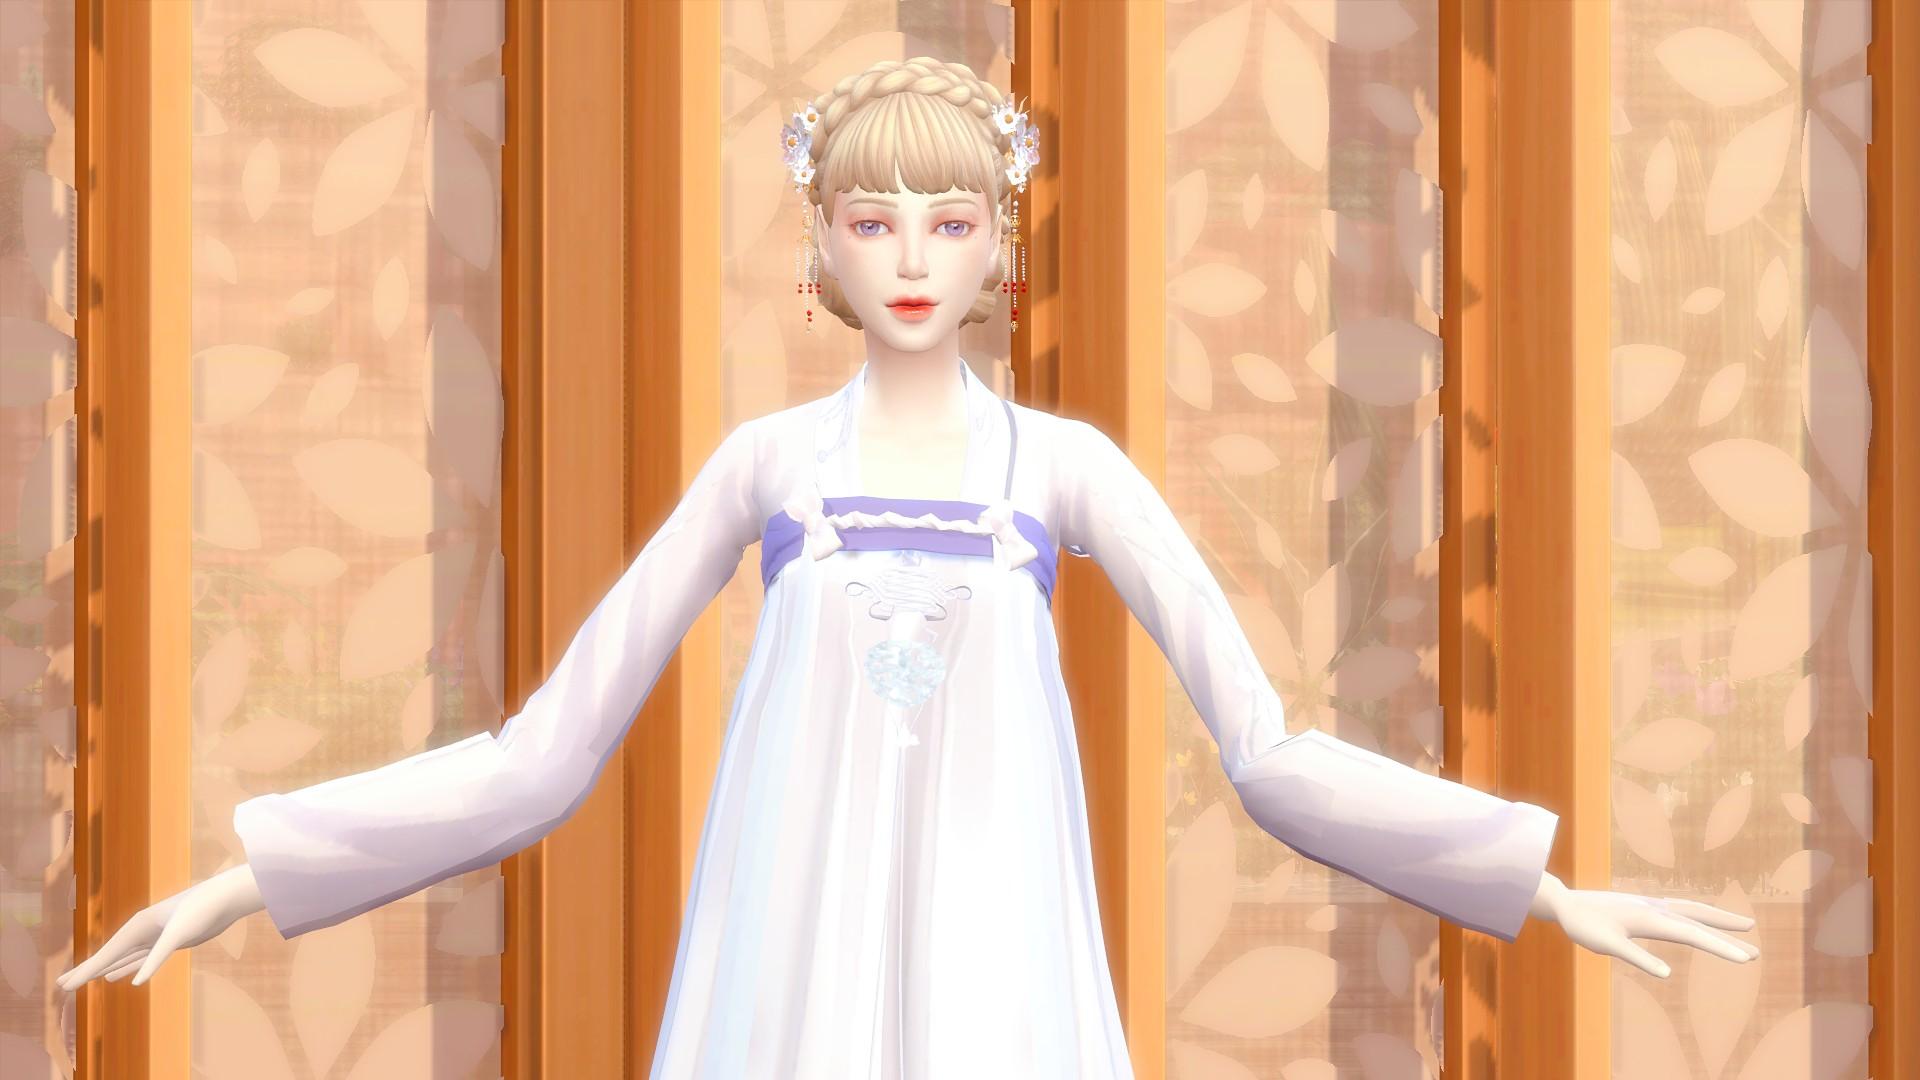 Sims 4 Screenshot 2021.02.18 - 20.04.35.40.png